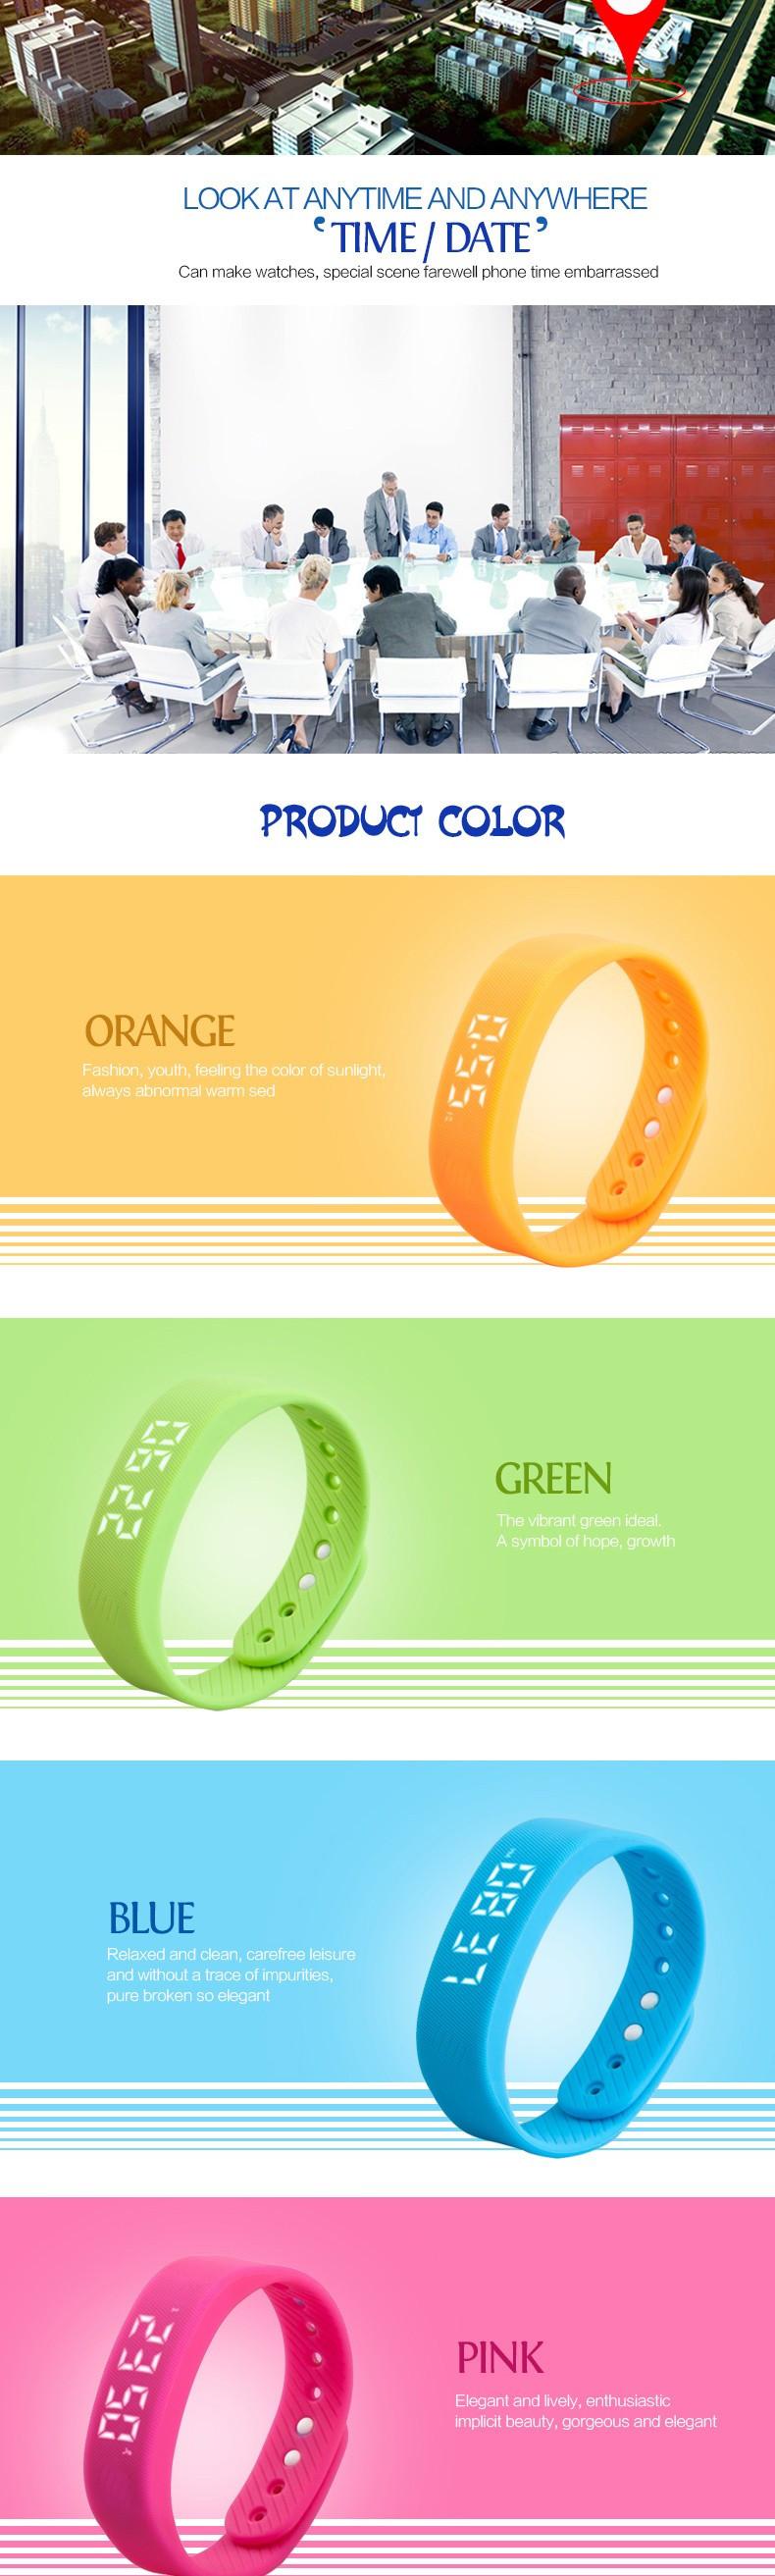 Новый Смарт-Браслет 3D Шагомер Датчика Авто Дата LED дисплей Пять Цветов Женщины Мужчины Спорт Рекордное количество шагов наручные часы